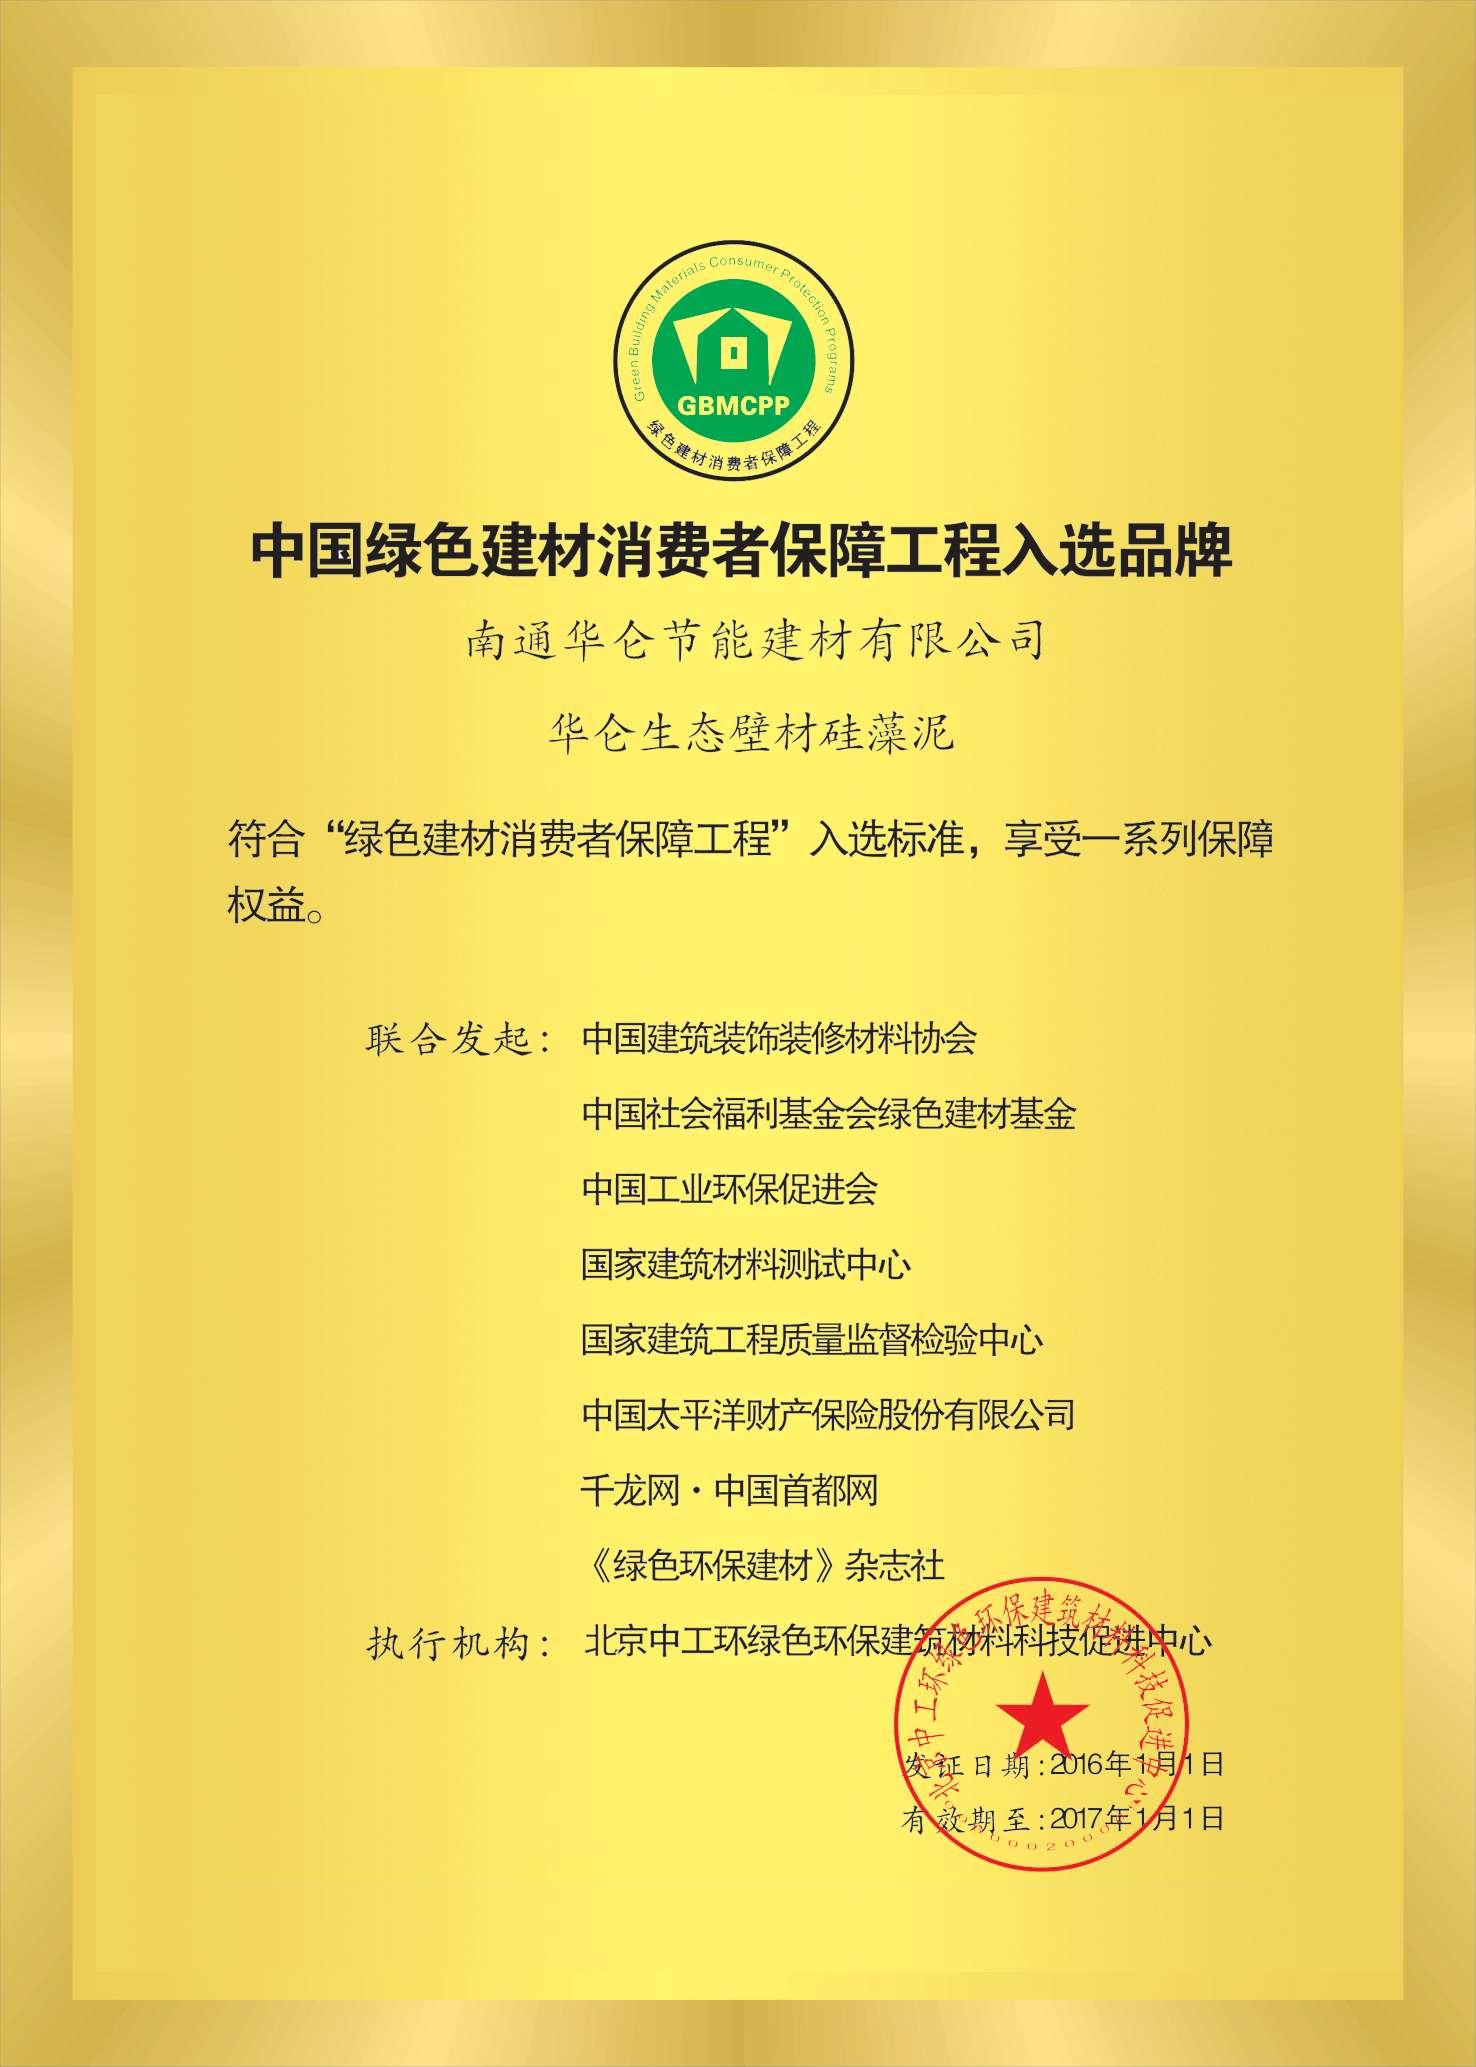 中国绿色建筑消费者保障工程入选品牌